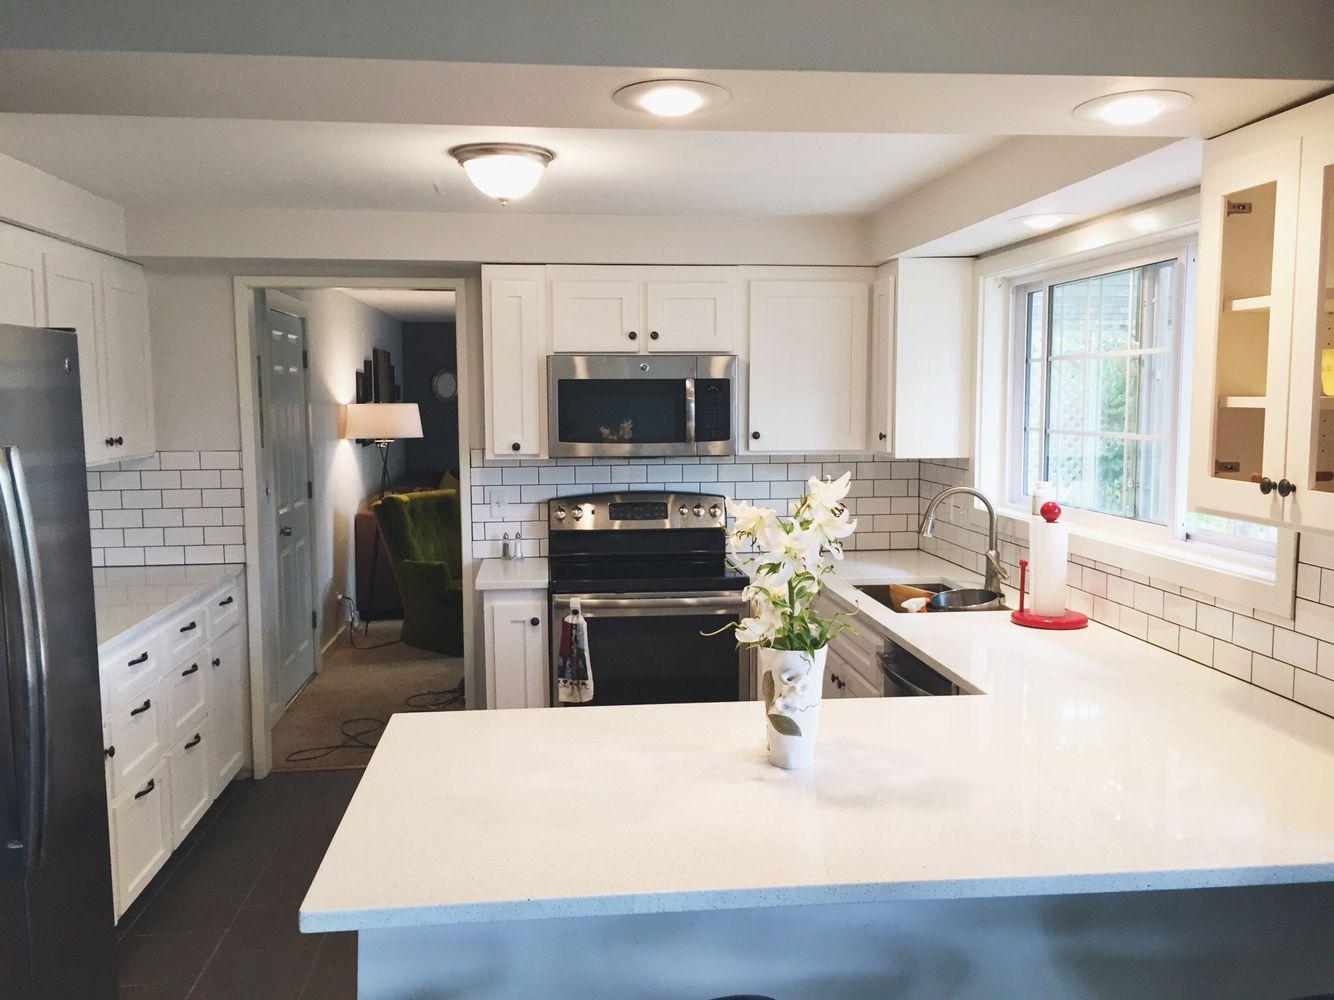 Light and bright white kitchen. Sparkling white Quartz